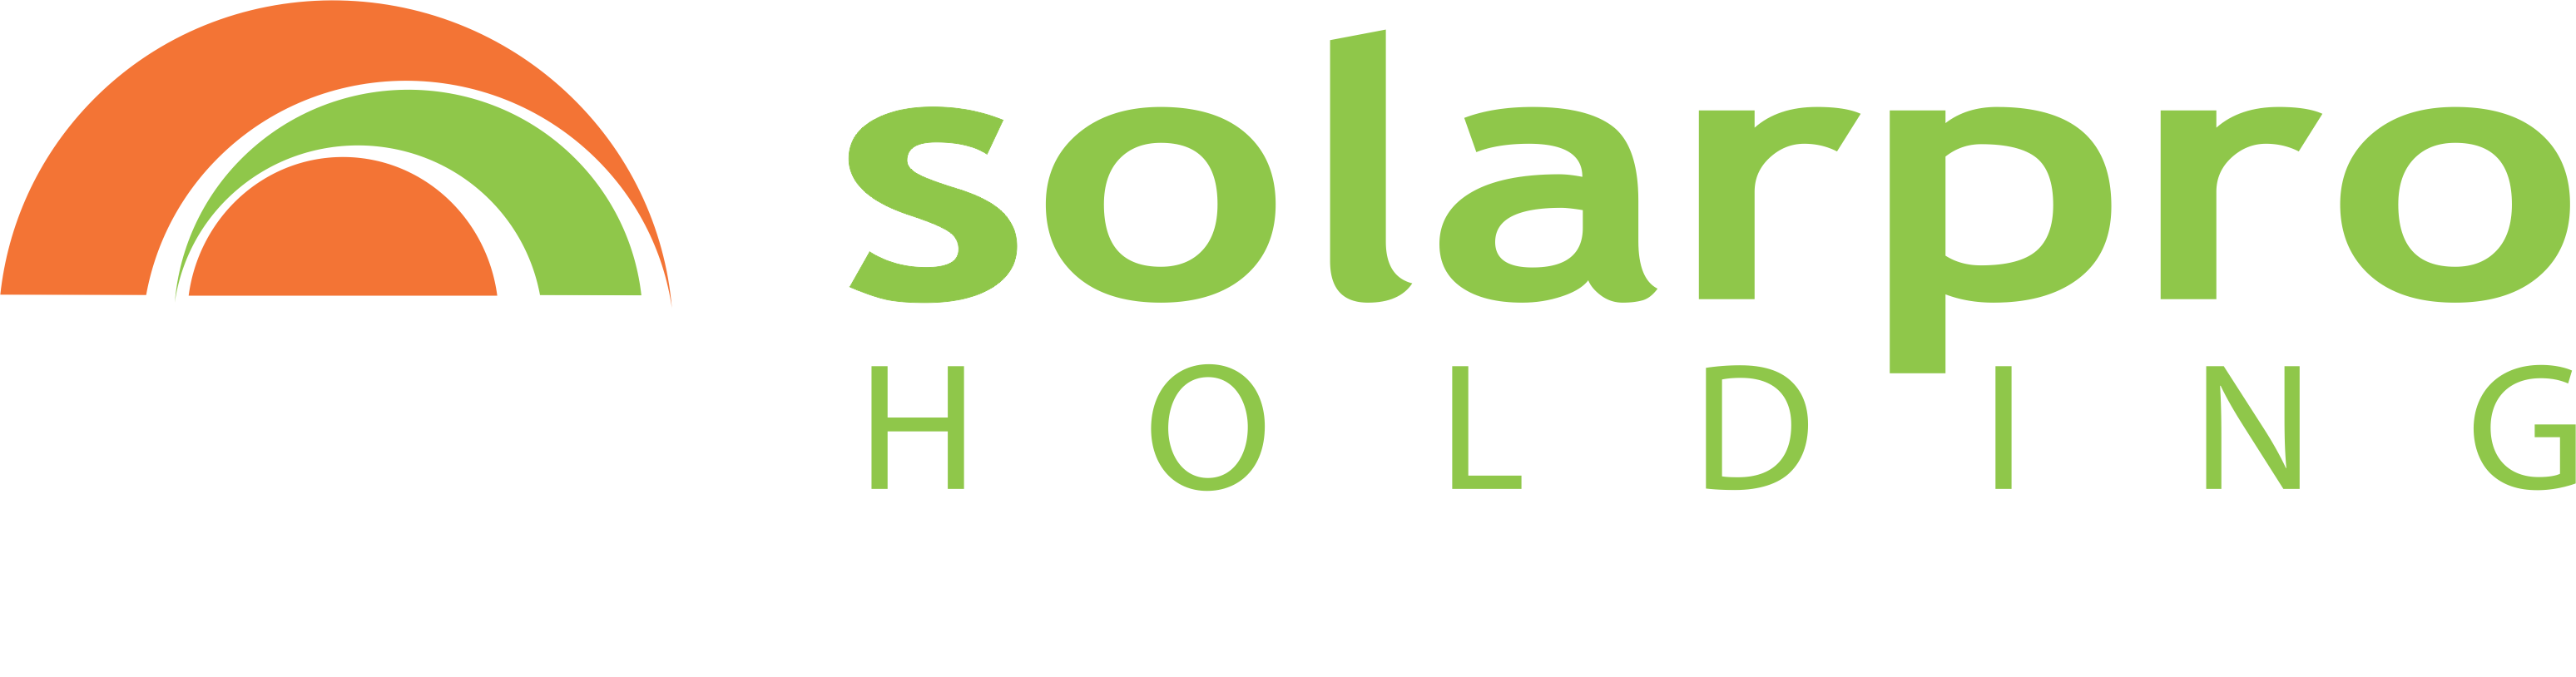 Solarpro HOLDING се занимава с домашни електроцентрали и е партньор със SIGDA OOD